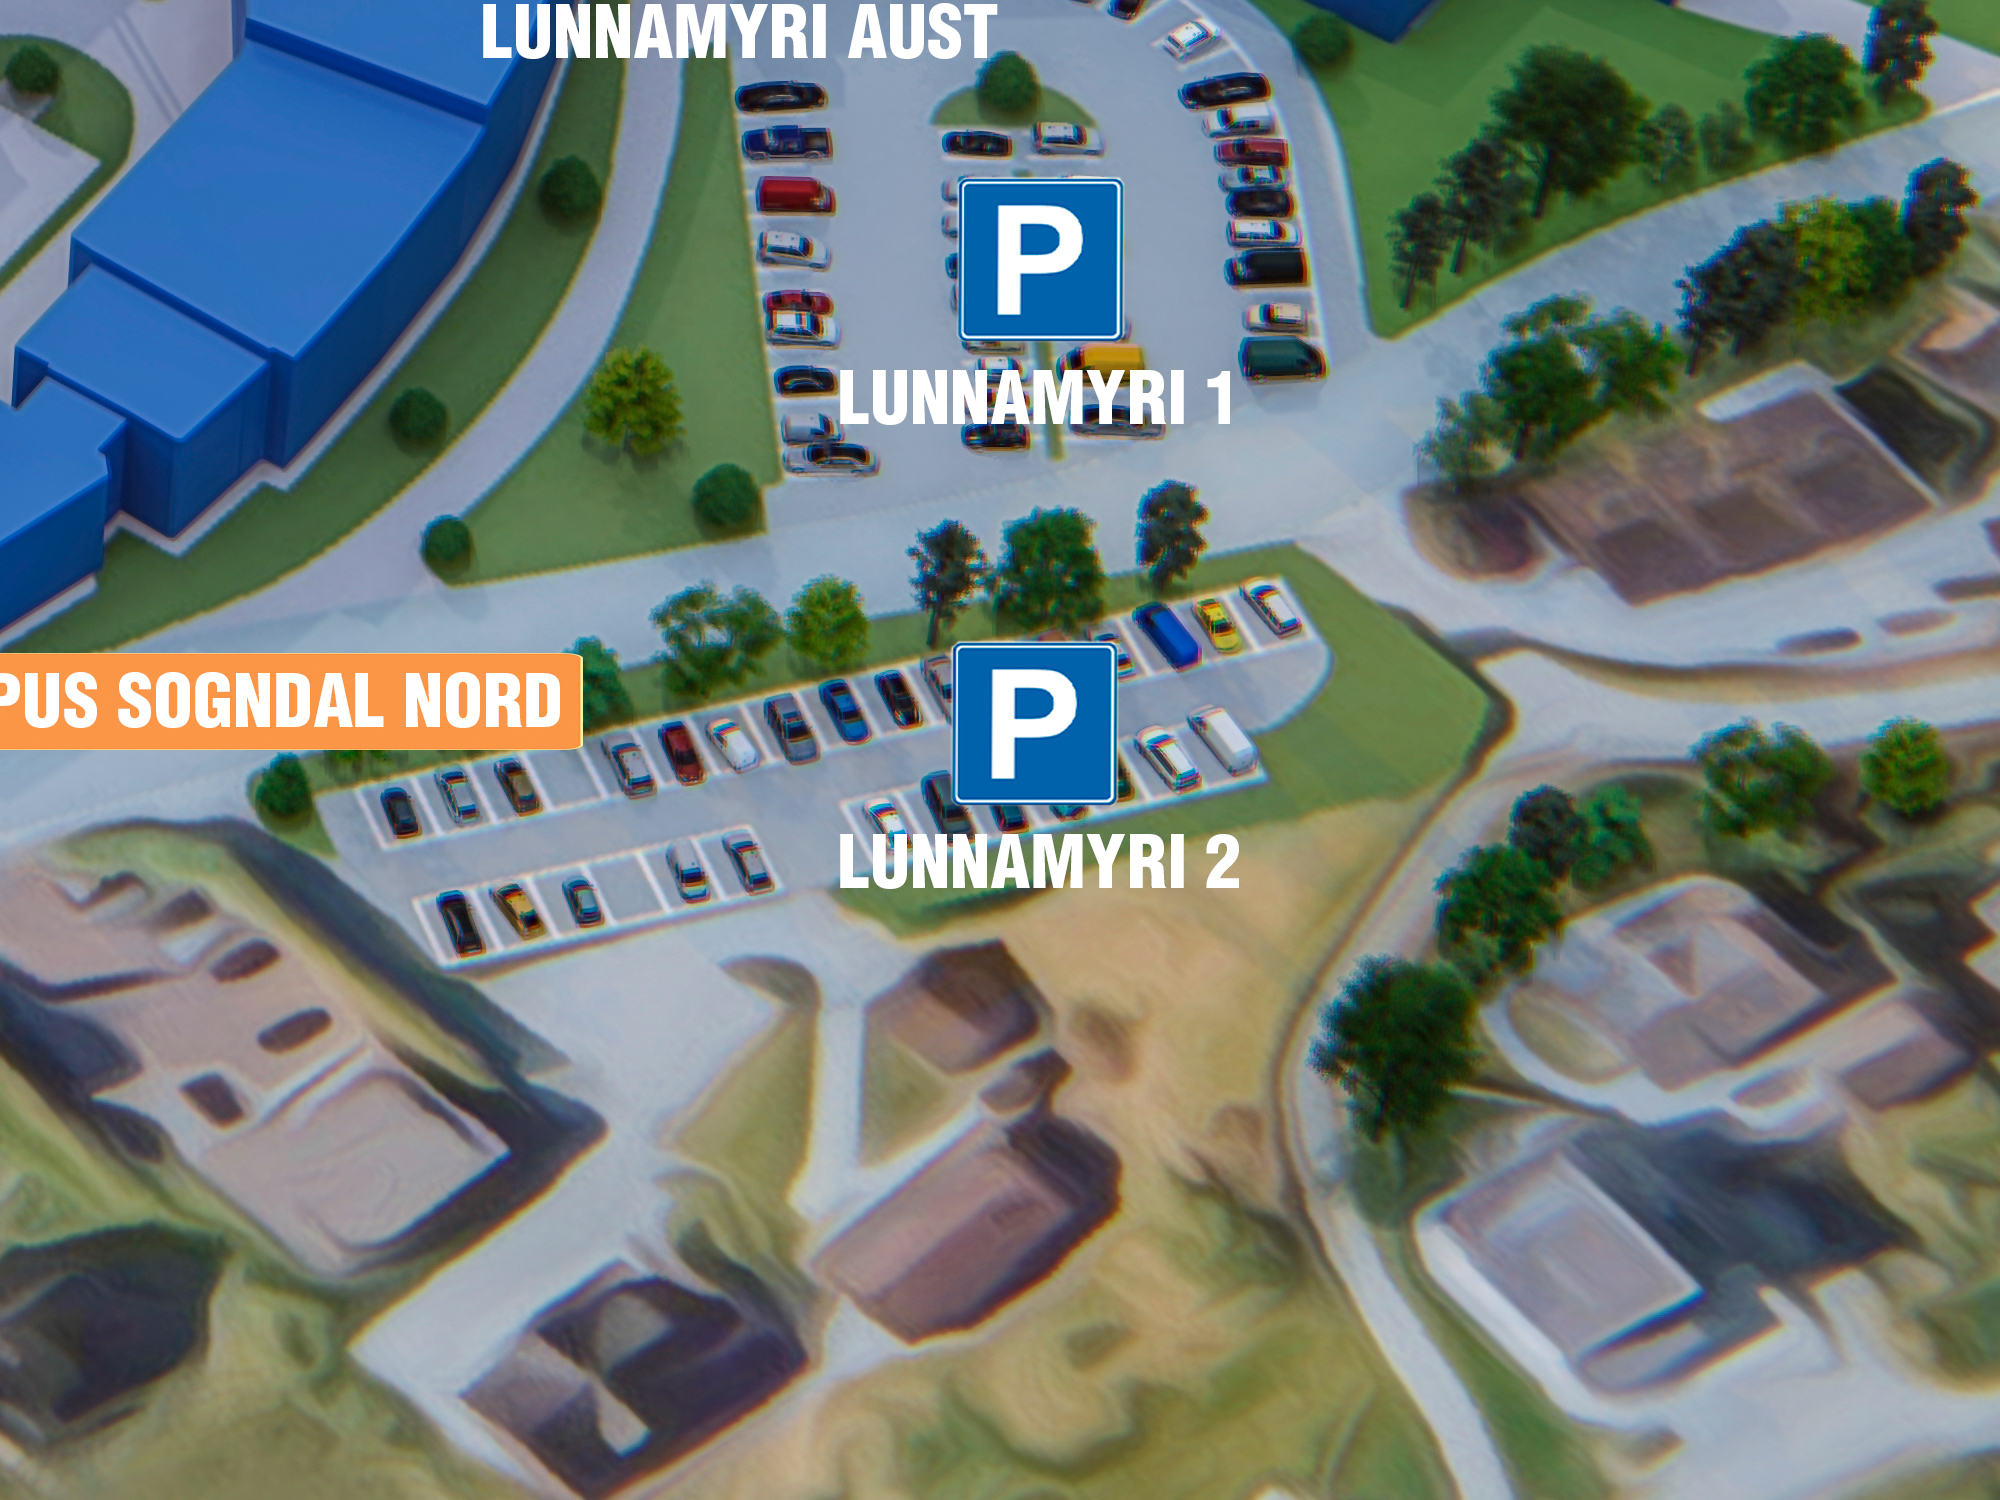 Parkering Lunnamyri 2 - Beste parkering om du skal til: Sogndal vidaregåande skule, Sogndal idrettshall